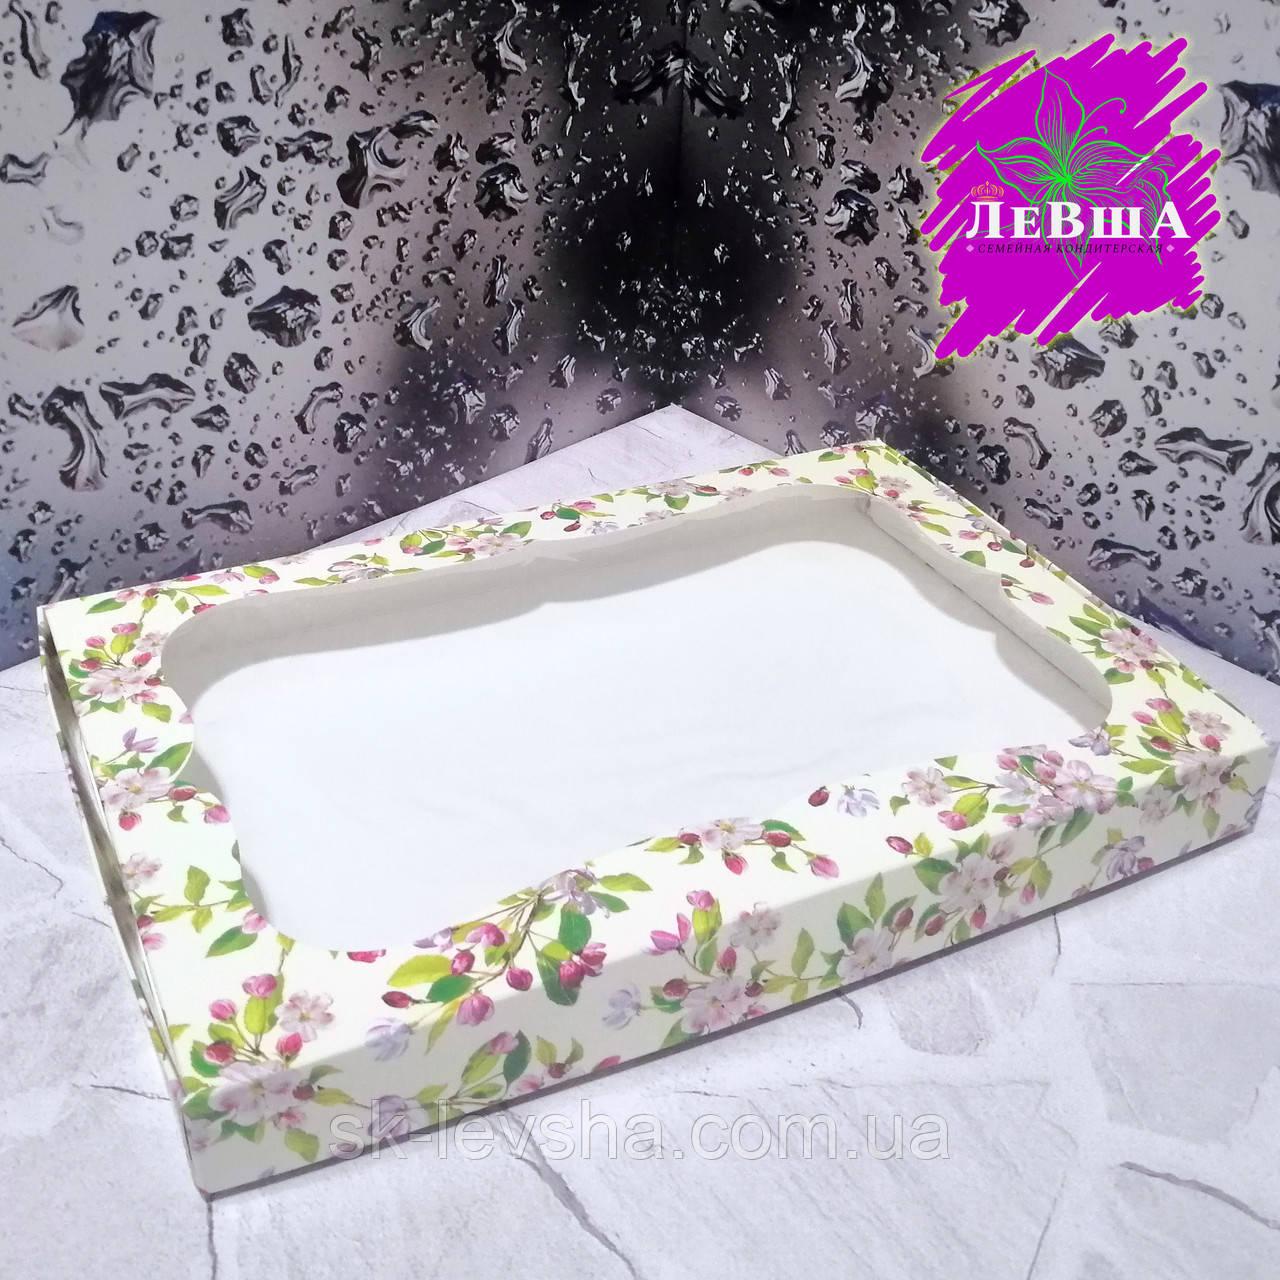 Коробка 300*200*30 для конфет, пряников Весна с окном